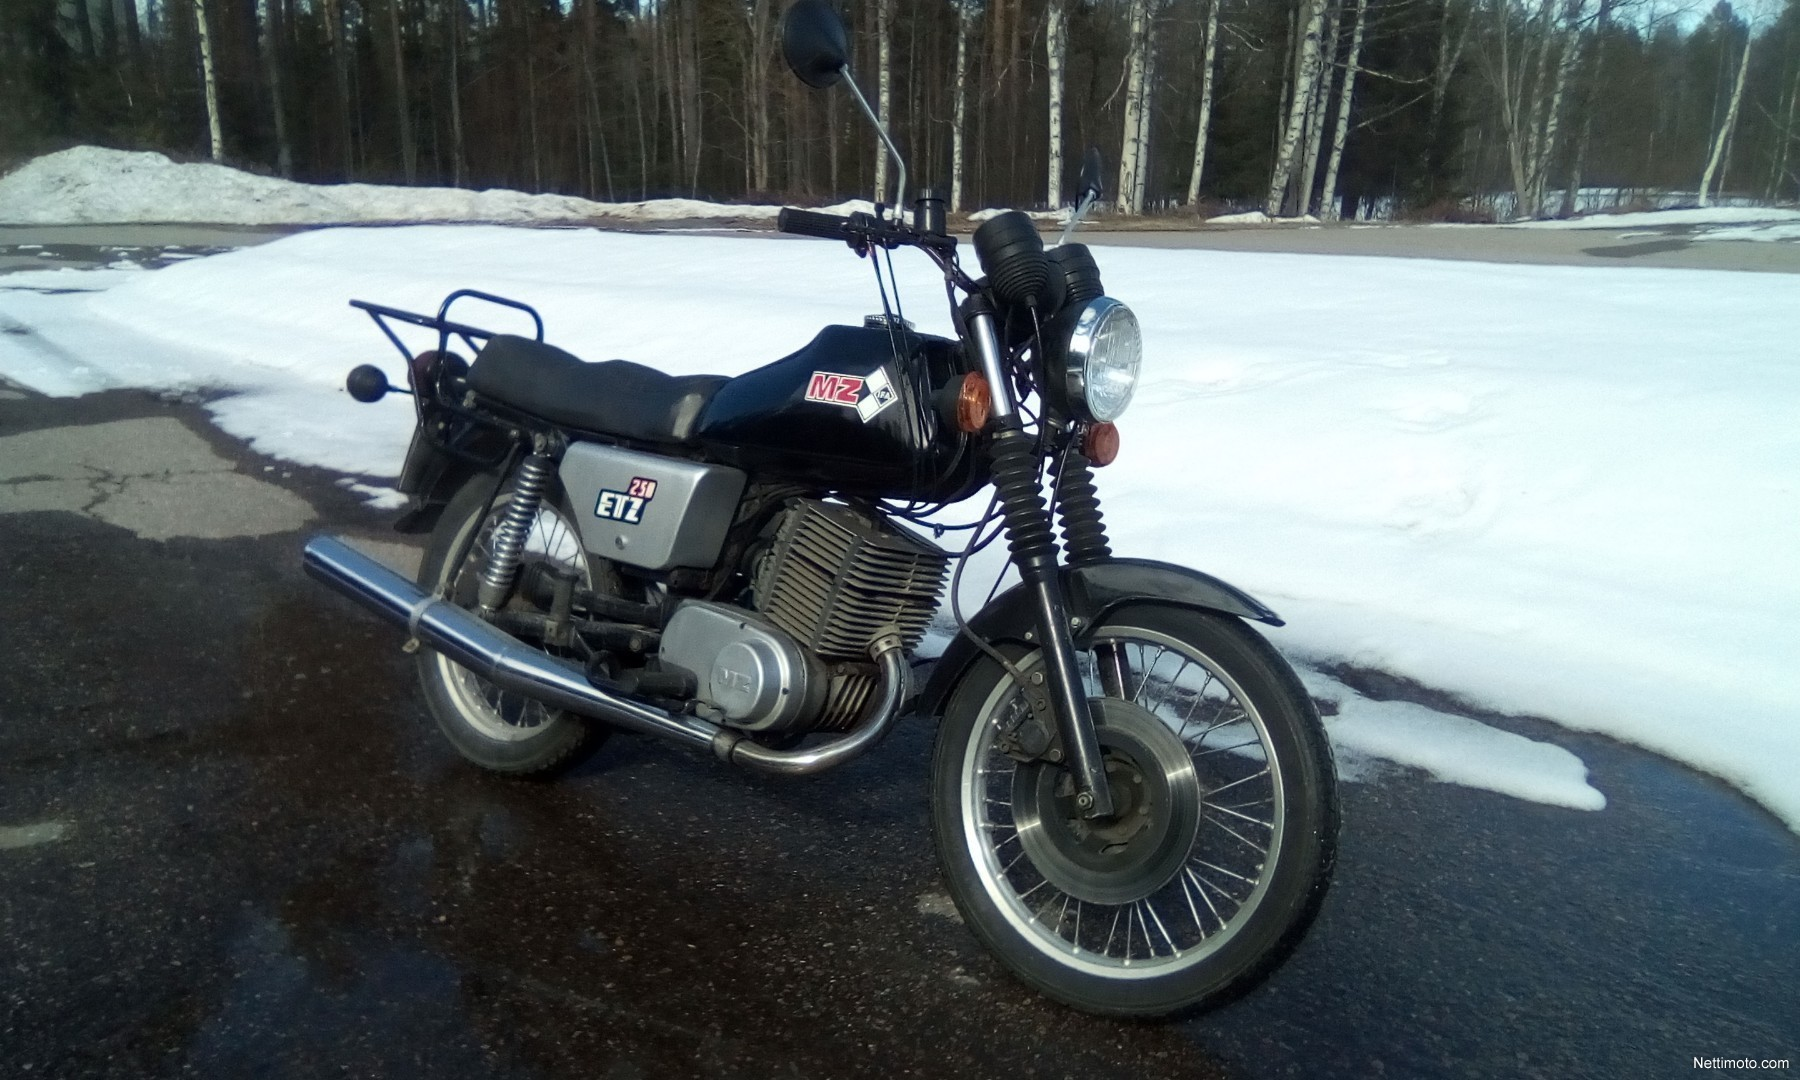 MZ ETZ 250 250 cm³ 1984 - Keuruu - Moottoripyörä - Nettimoto